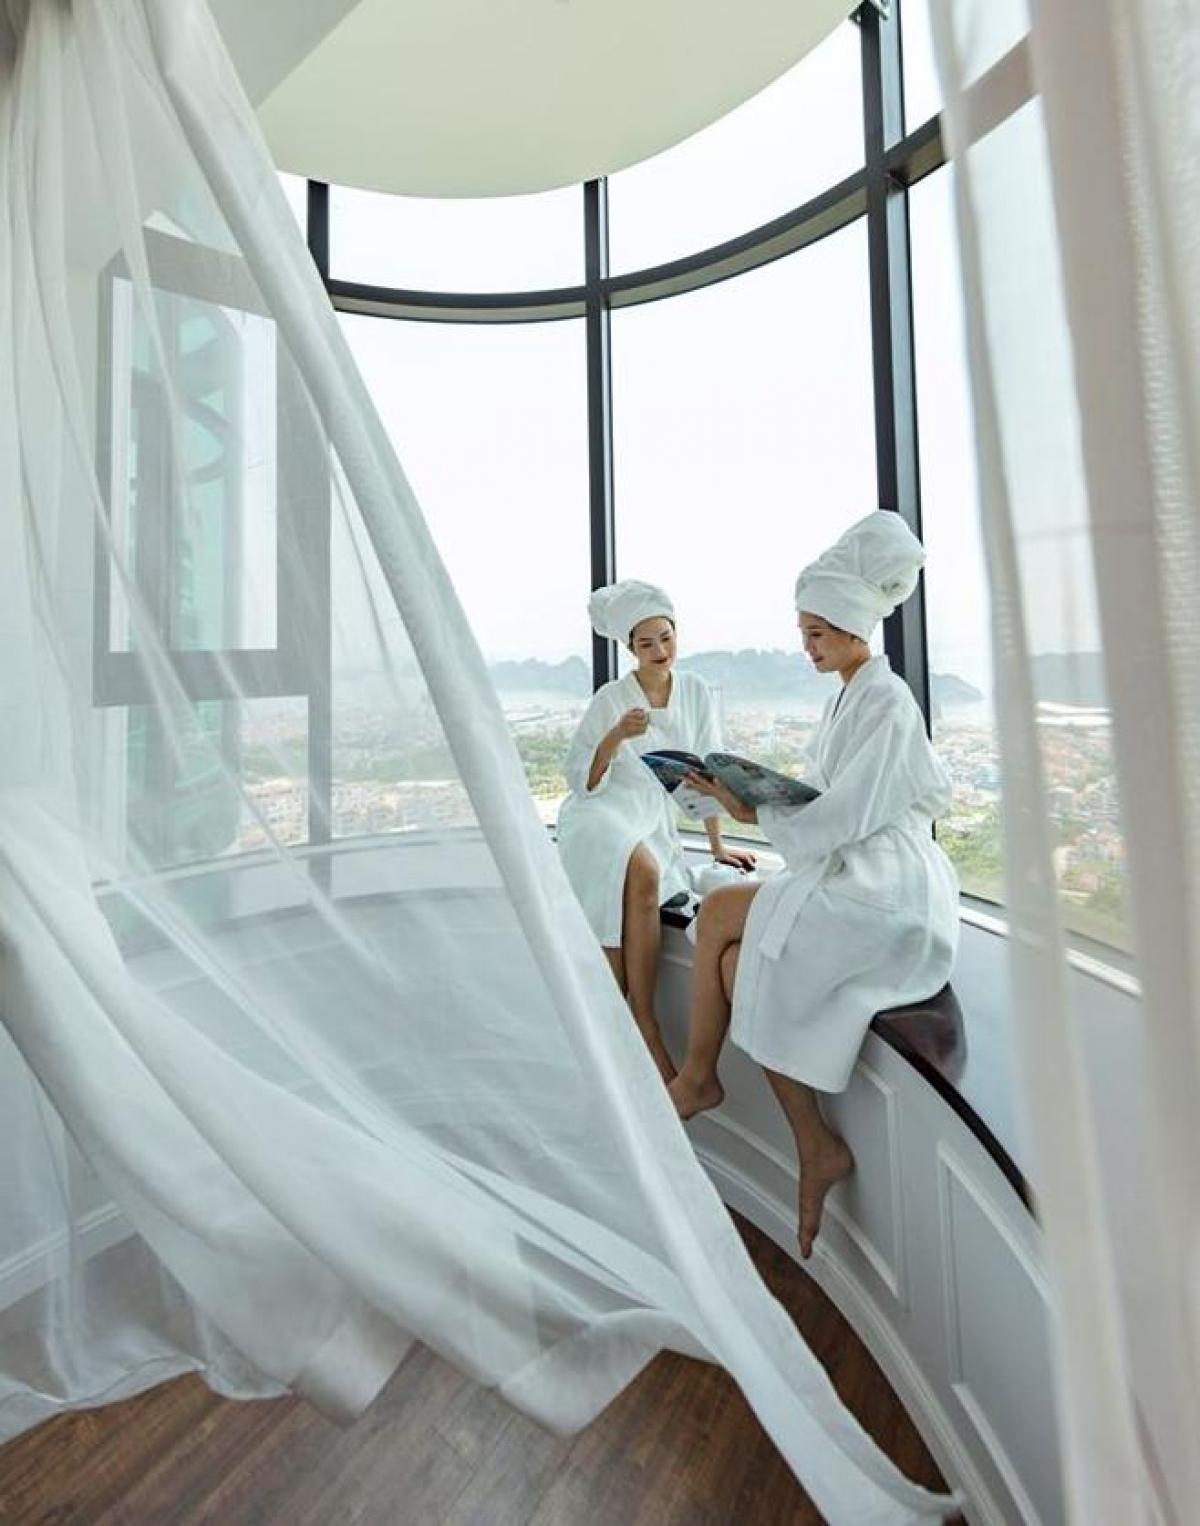 Những căn phòng với khung cửa kính khổng lồ là tọa độ check-in yêu thích của các cô nàng sang chảnh. (Ảnh: FLC Hạ Long)